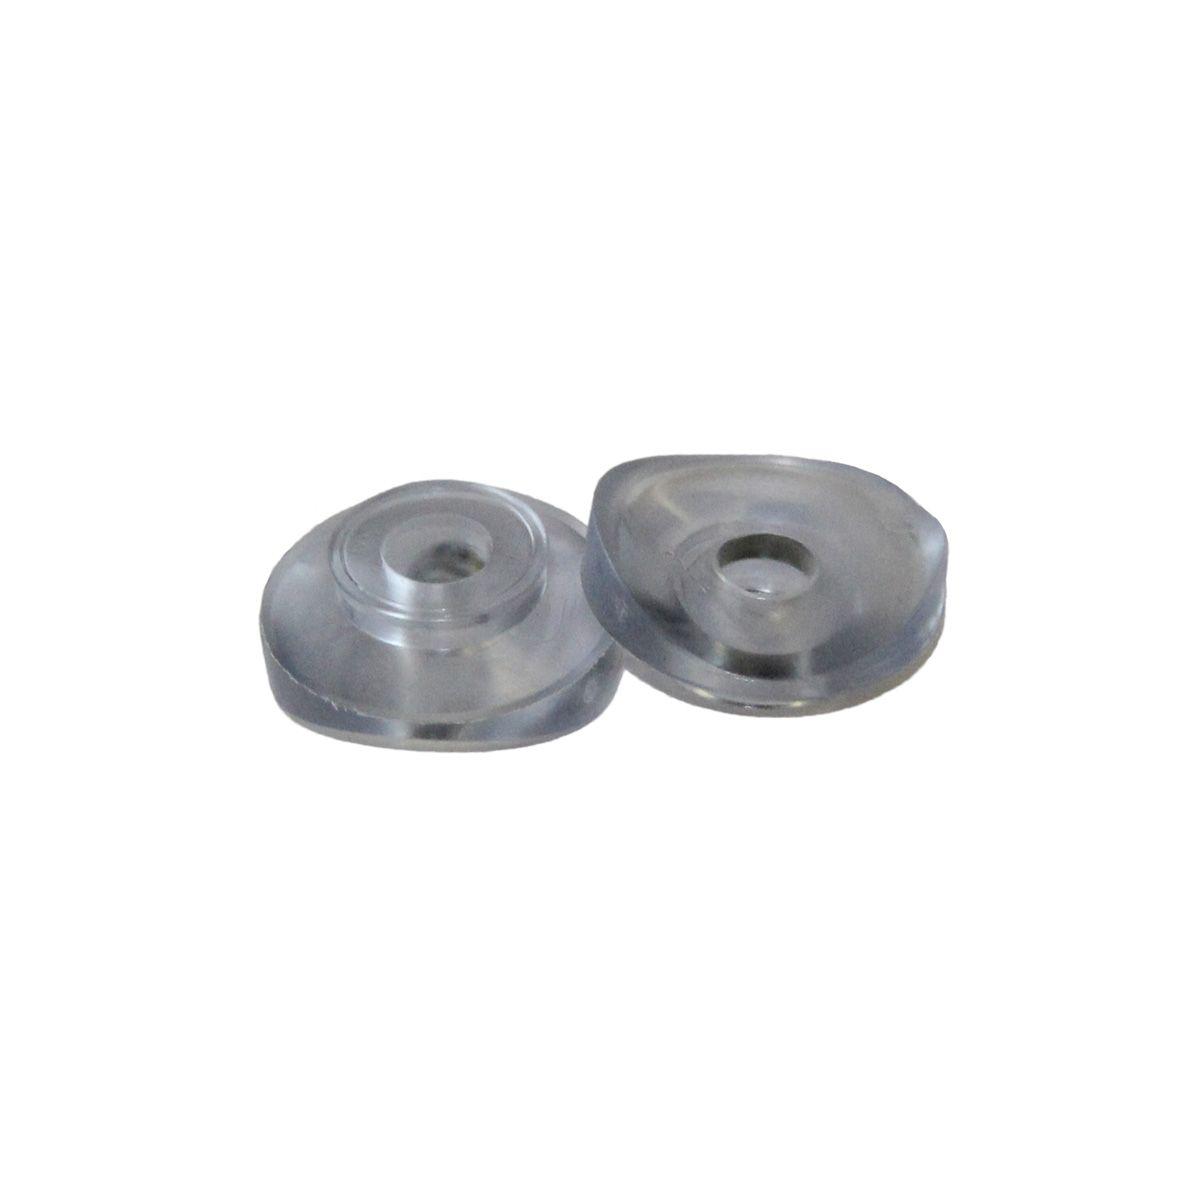 Dichtscheibe, aus PVC, natur, 25er Pack, D 20 mm, 5 mm